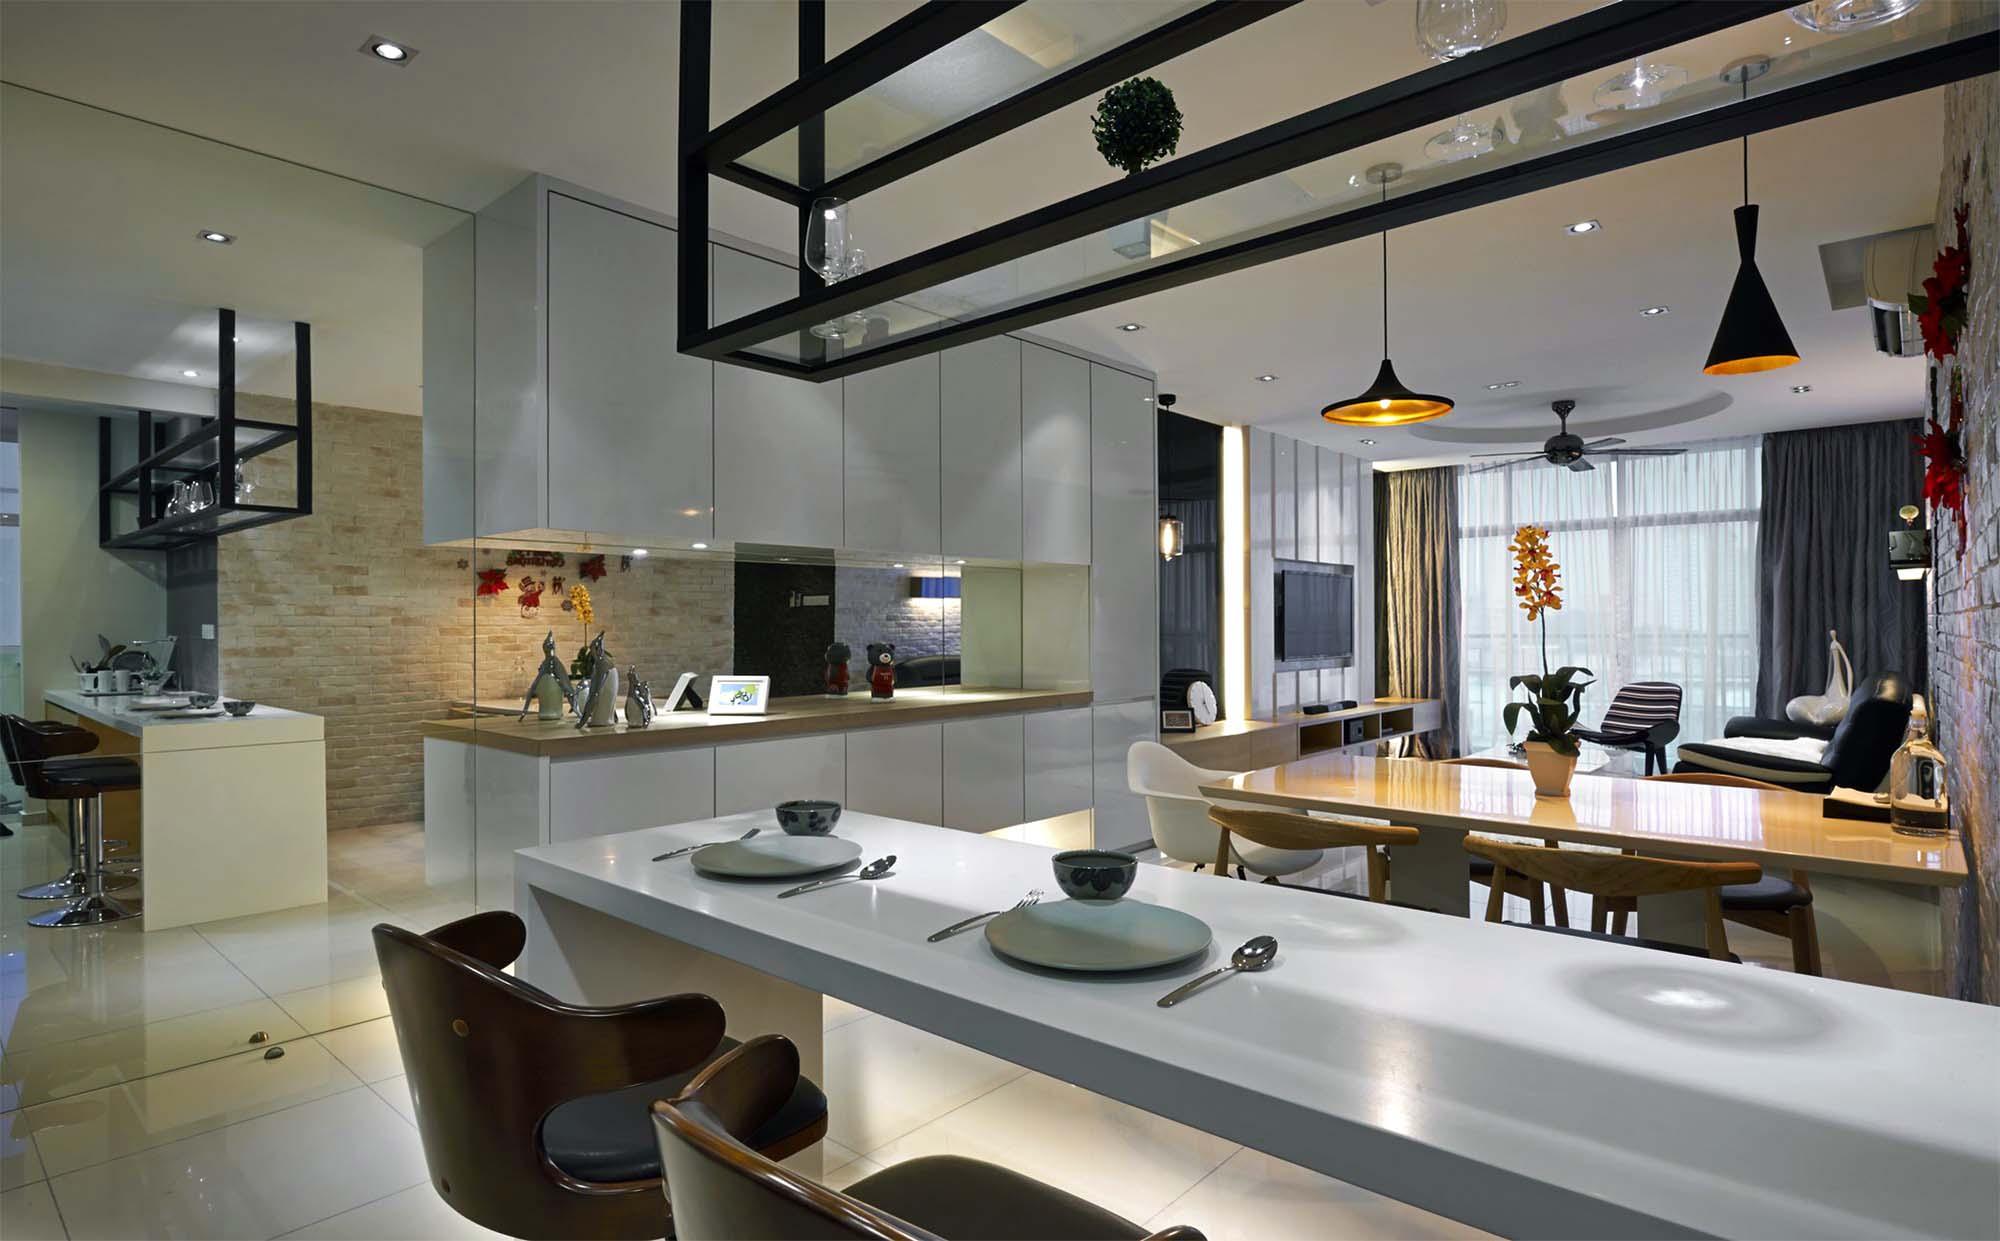 luxury kitchen design ideas modern kitchen design Gambrick custom home builder NJ